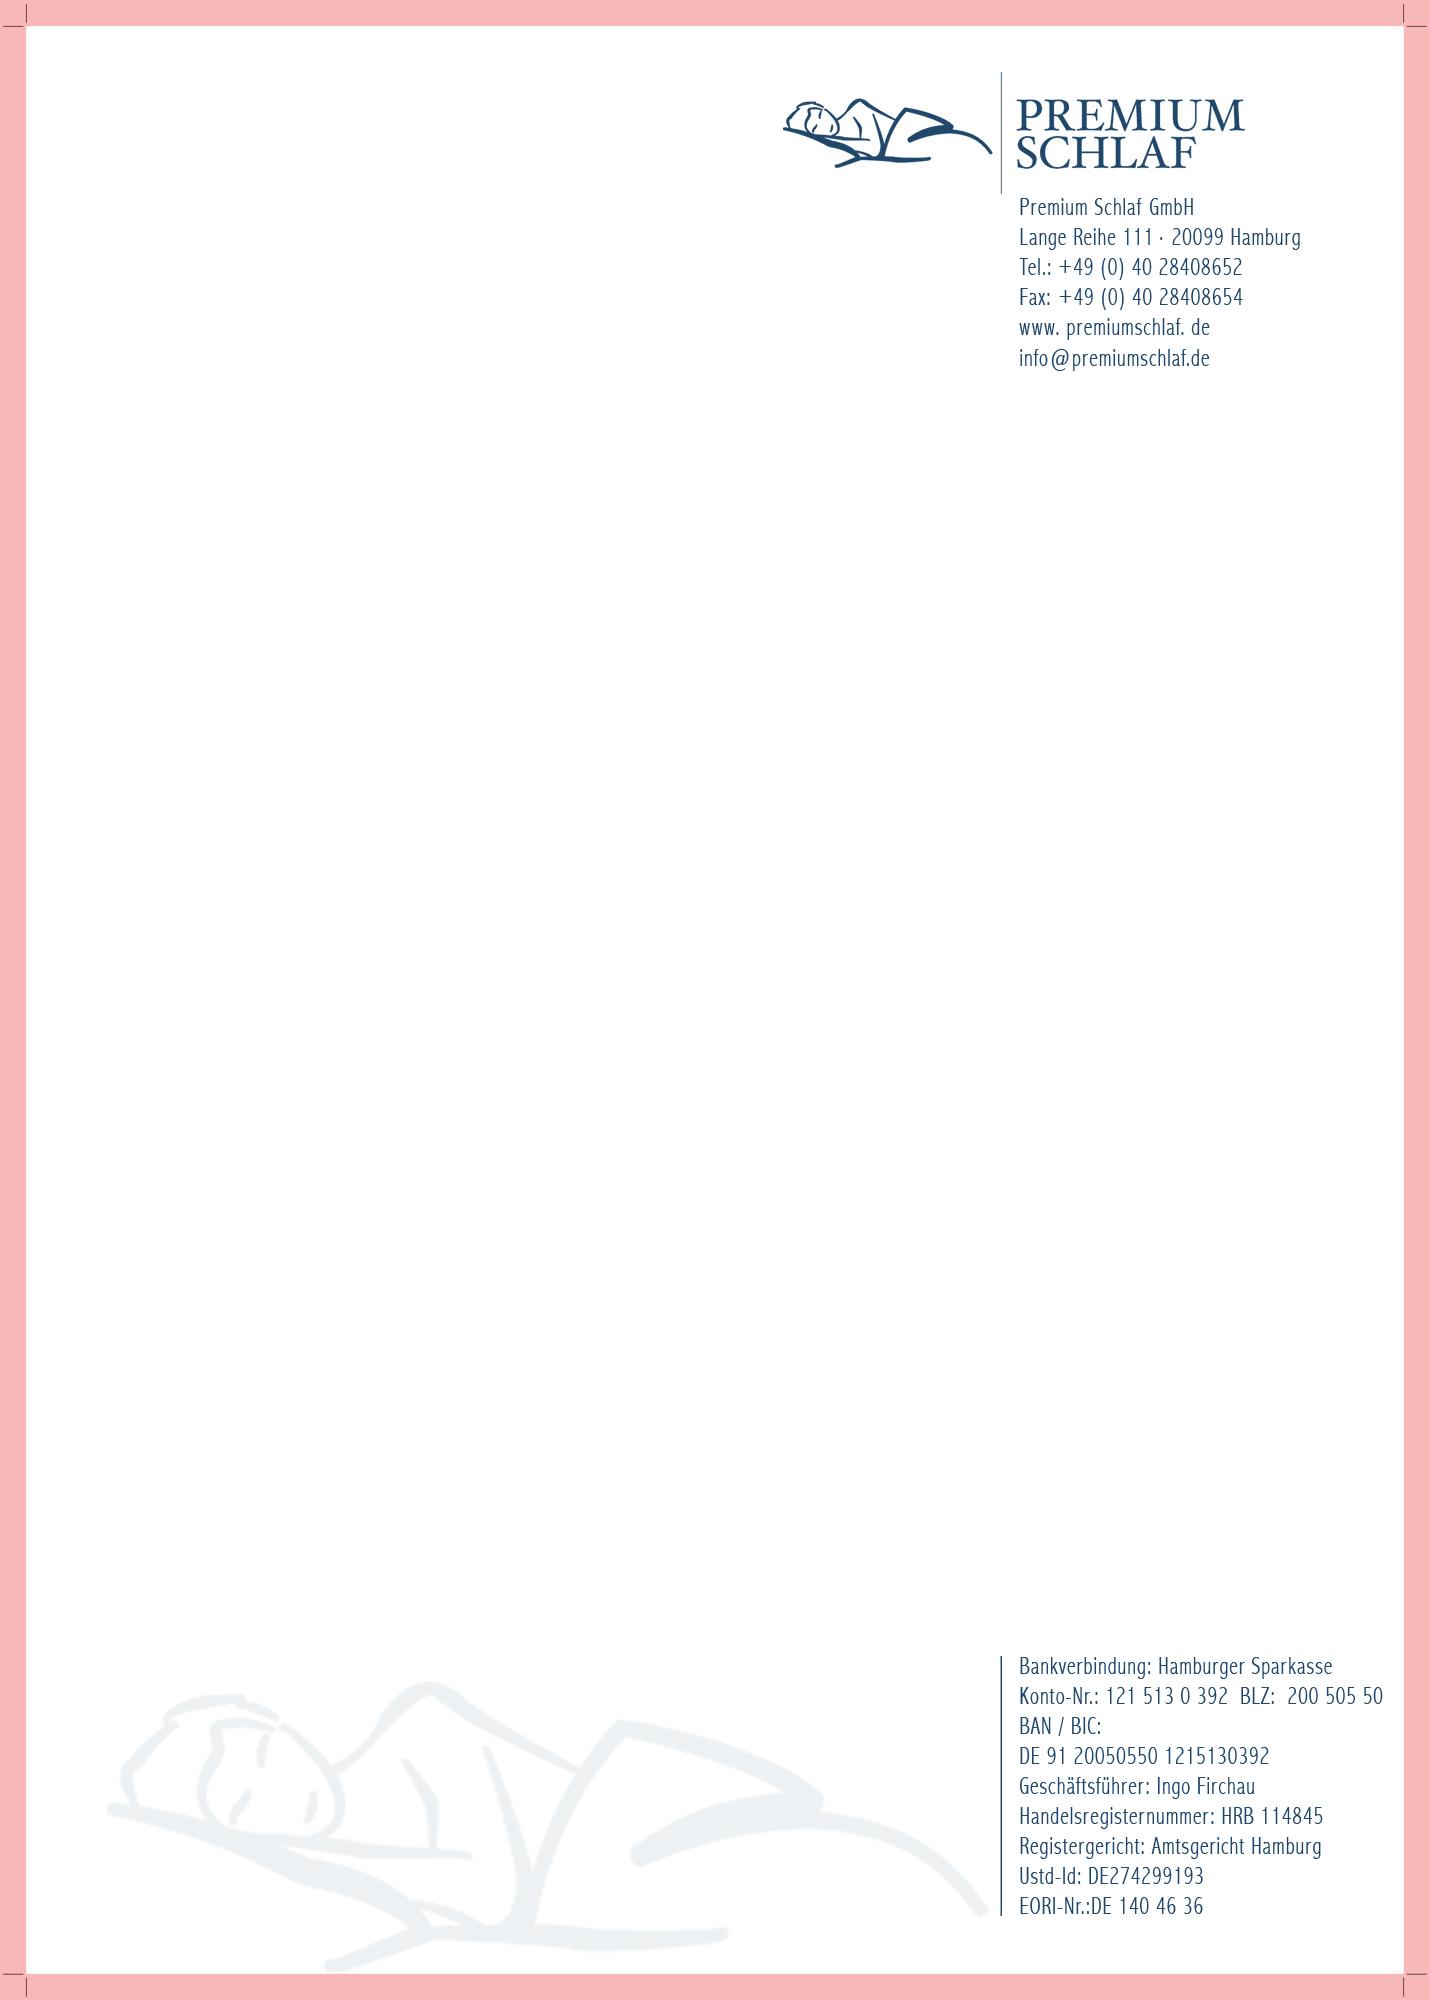 Briefpapier Visitenkarte Rechnung Quittu